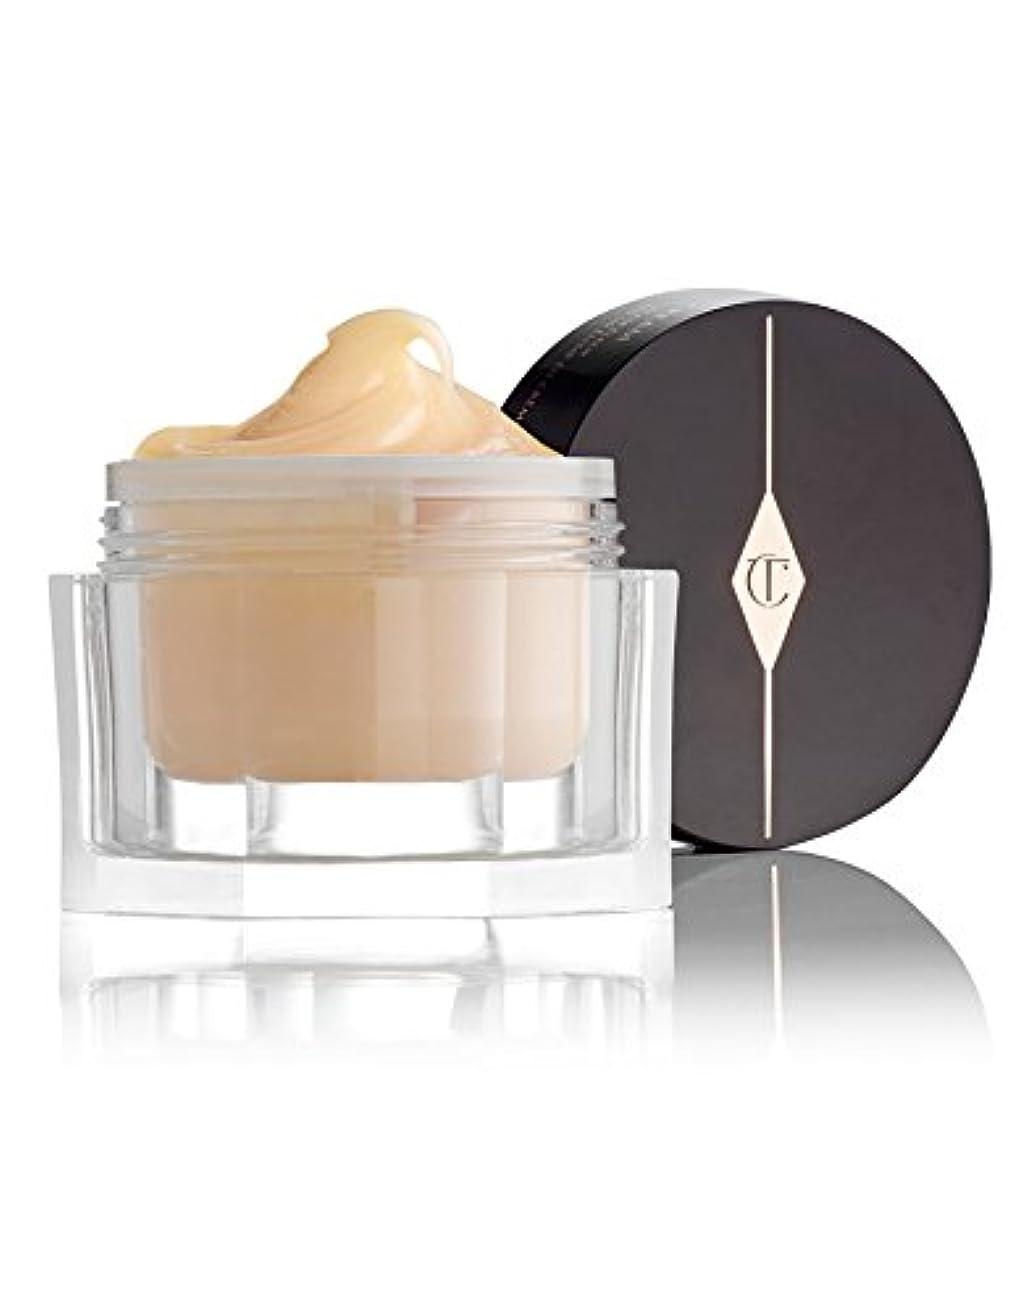 ヘルパークロスステープルCHARLOTTE TILBURY Magic Night Cream 50ml - シャーロット ティルバリー マジック ナイトクリーム [並行輸入品]